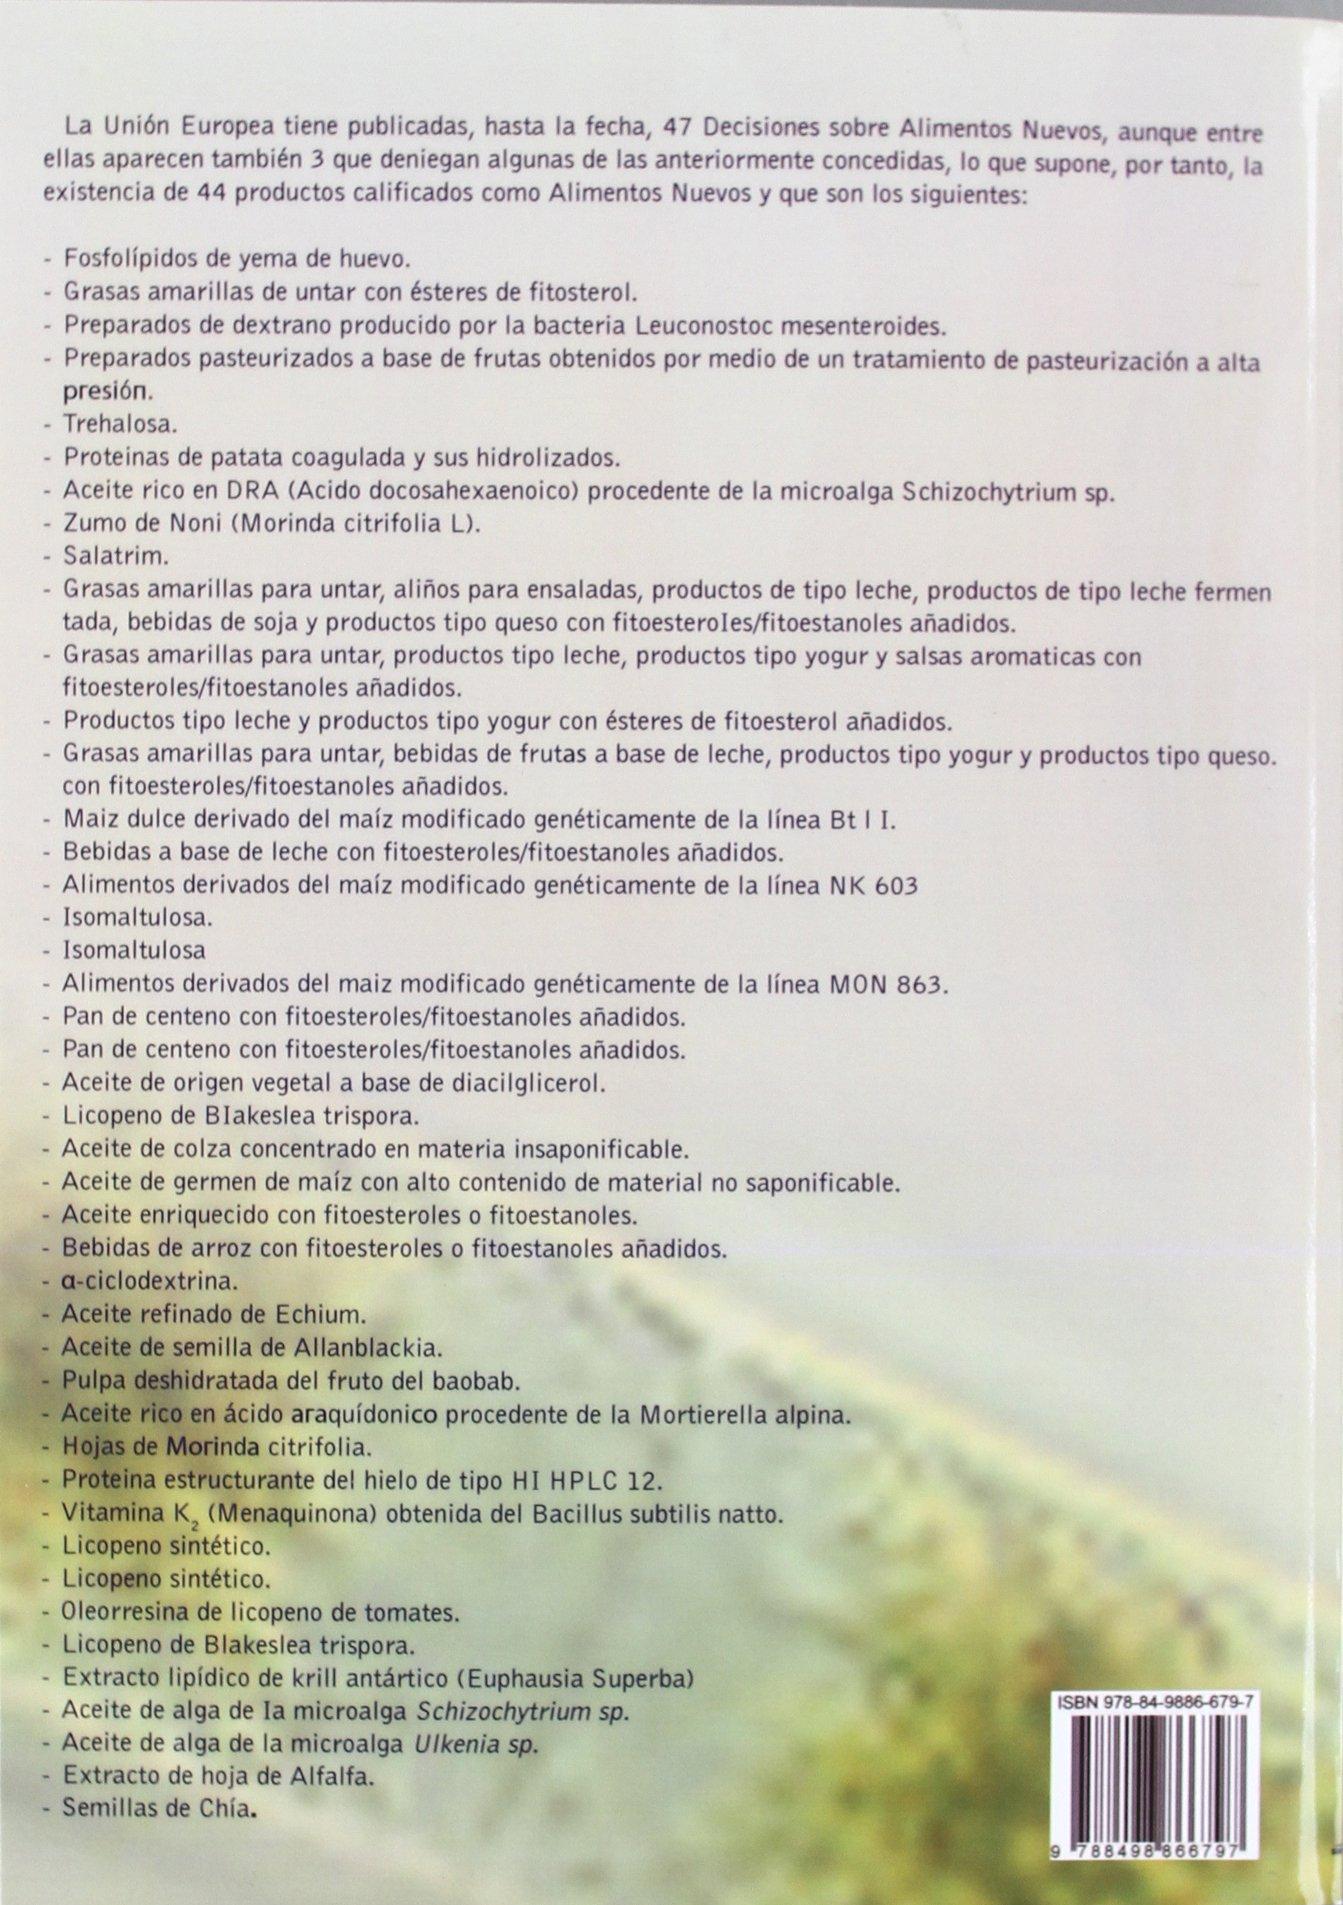 Alimentos Nuevos y Nuevos Ingredientes Alimenticios y/o Alimentarios Segun La Comunidad Europea (Spanish Edition): Dr. Barros Carlos: 9788498866797: ...